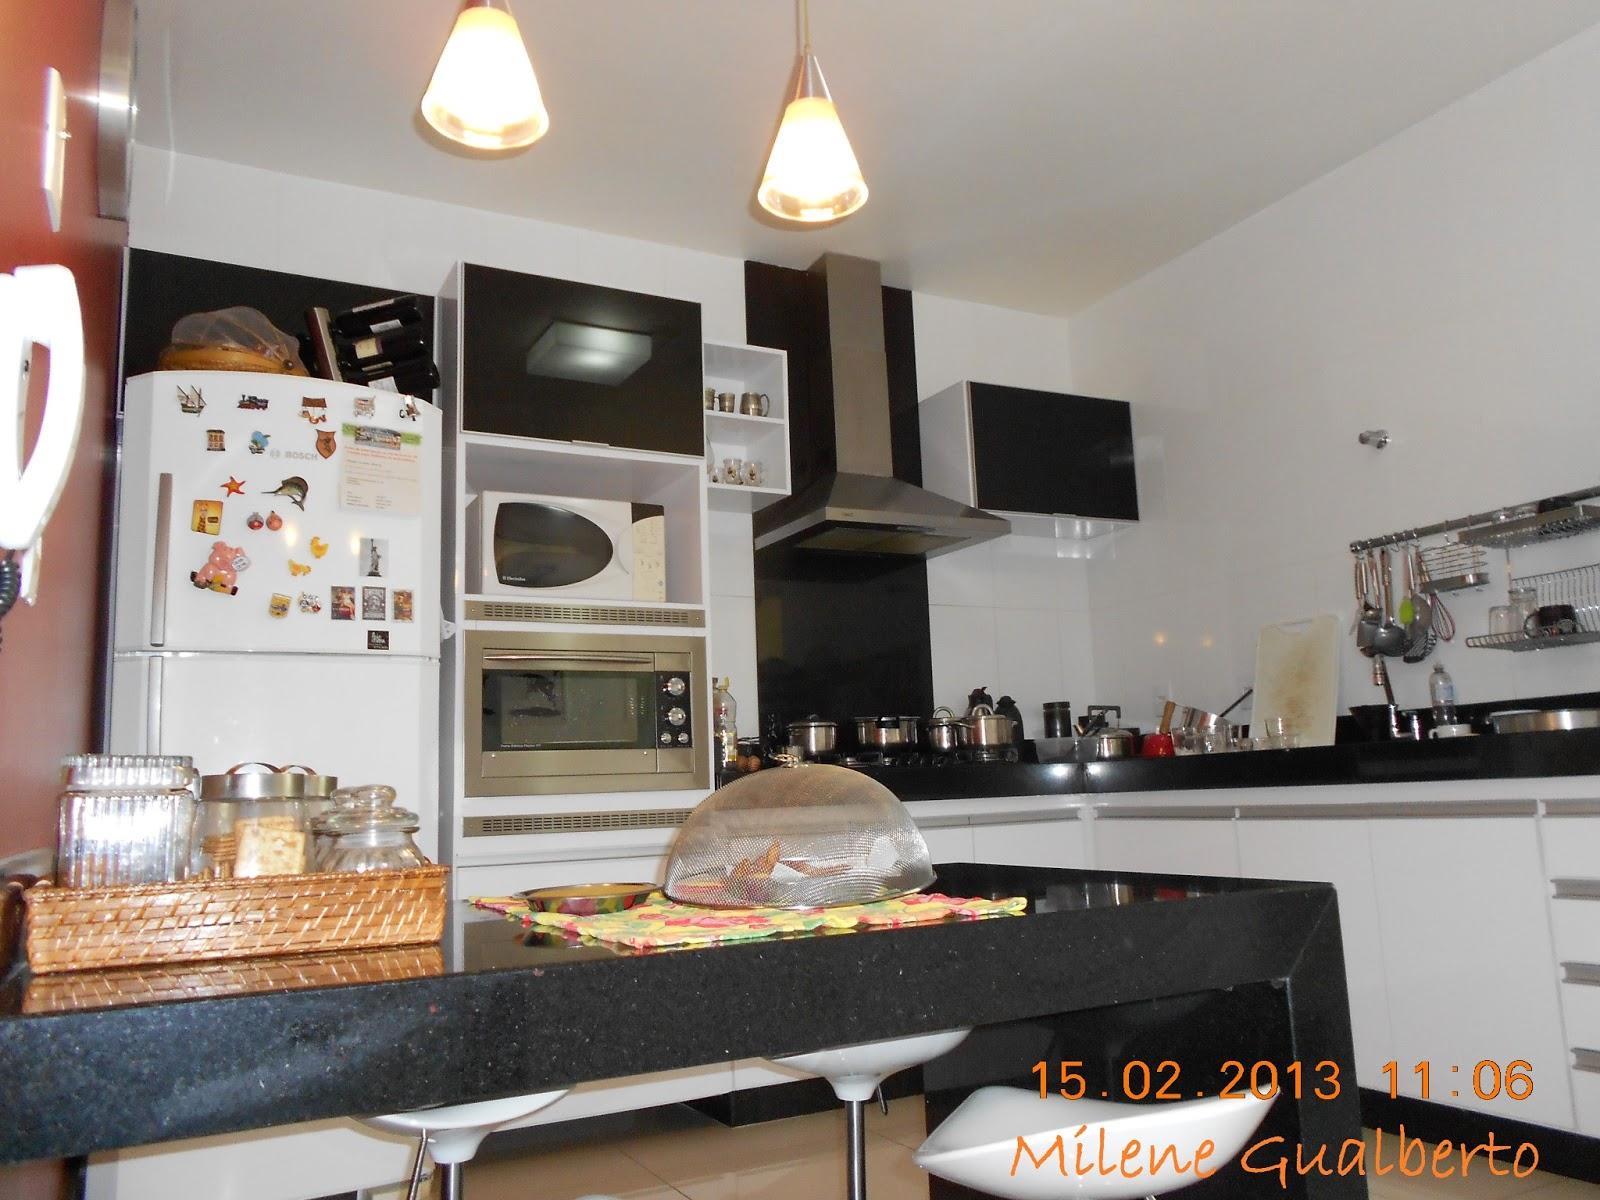 Gualberto: Projetos Residenciais Cozinha destaque para o Vermelho #9A5B31 1600 1200